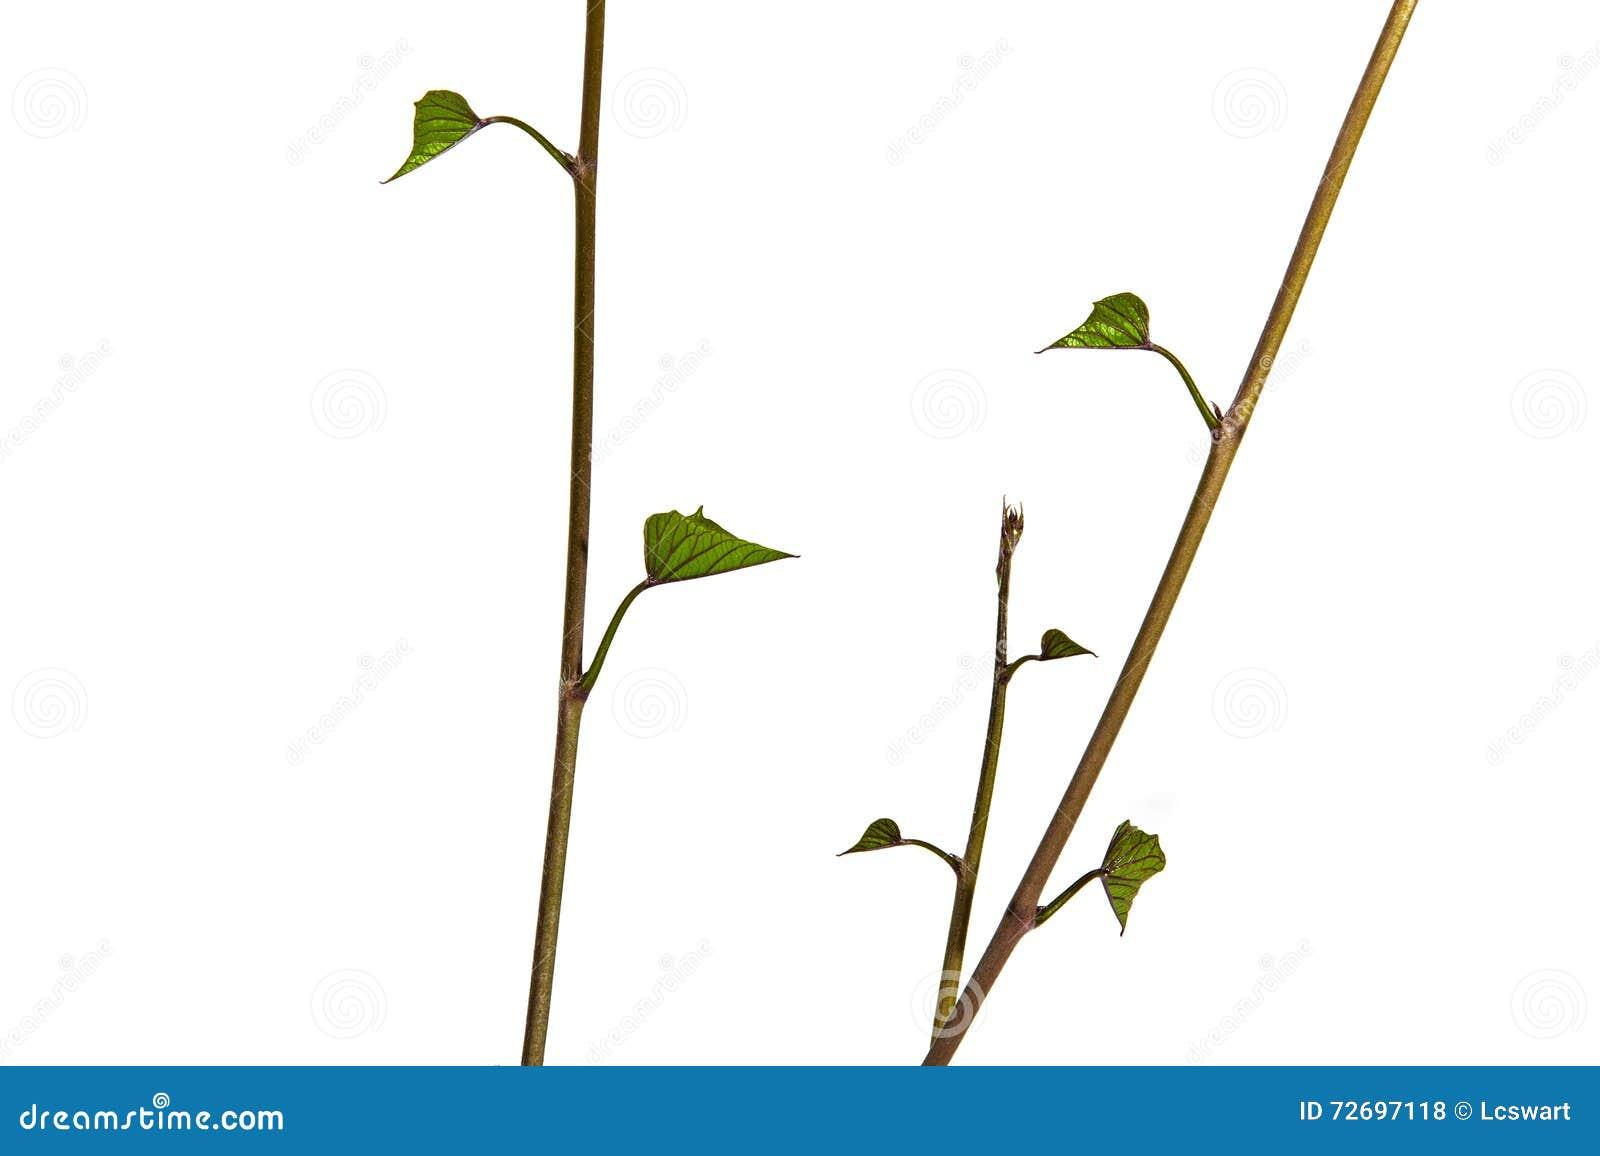 Verticle-Ansicht von jungen Stämmen und von Grün-Blättern